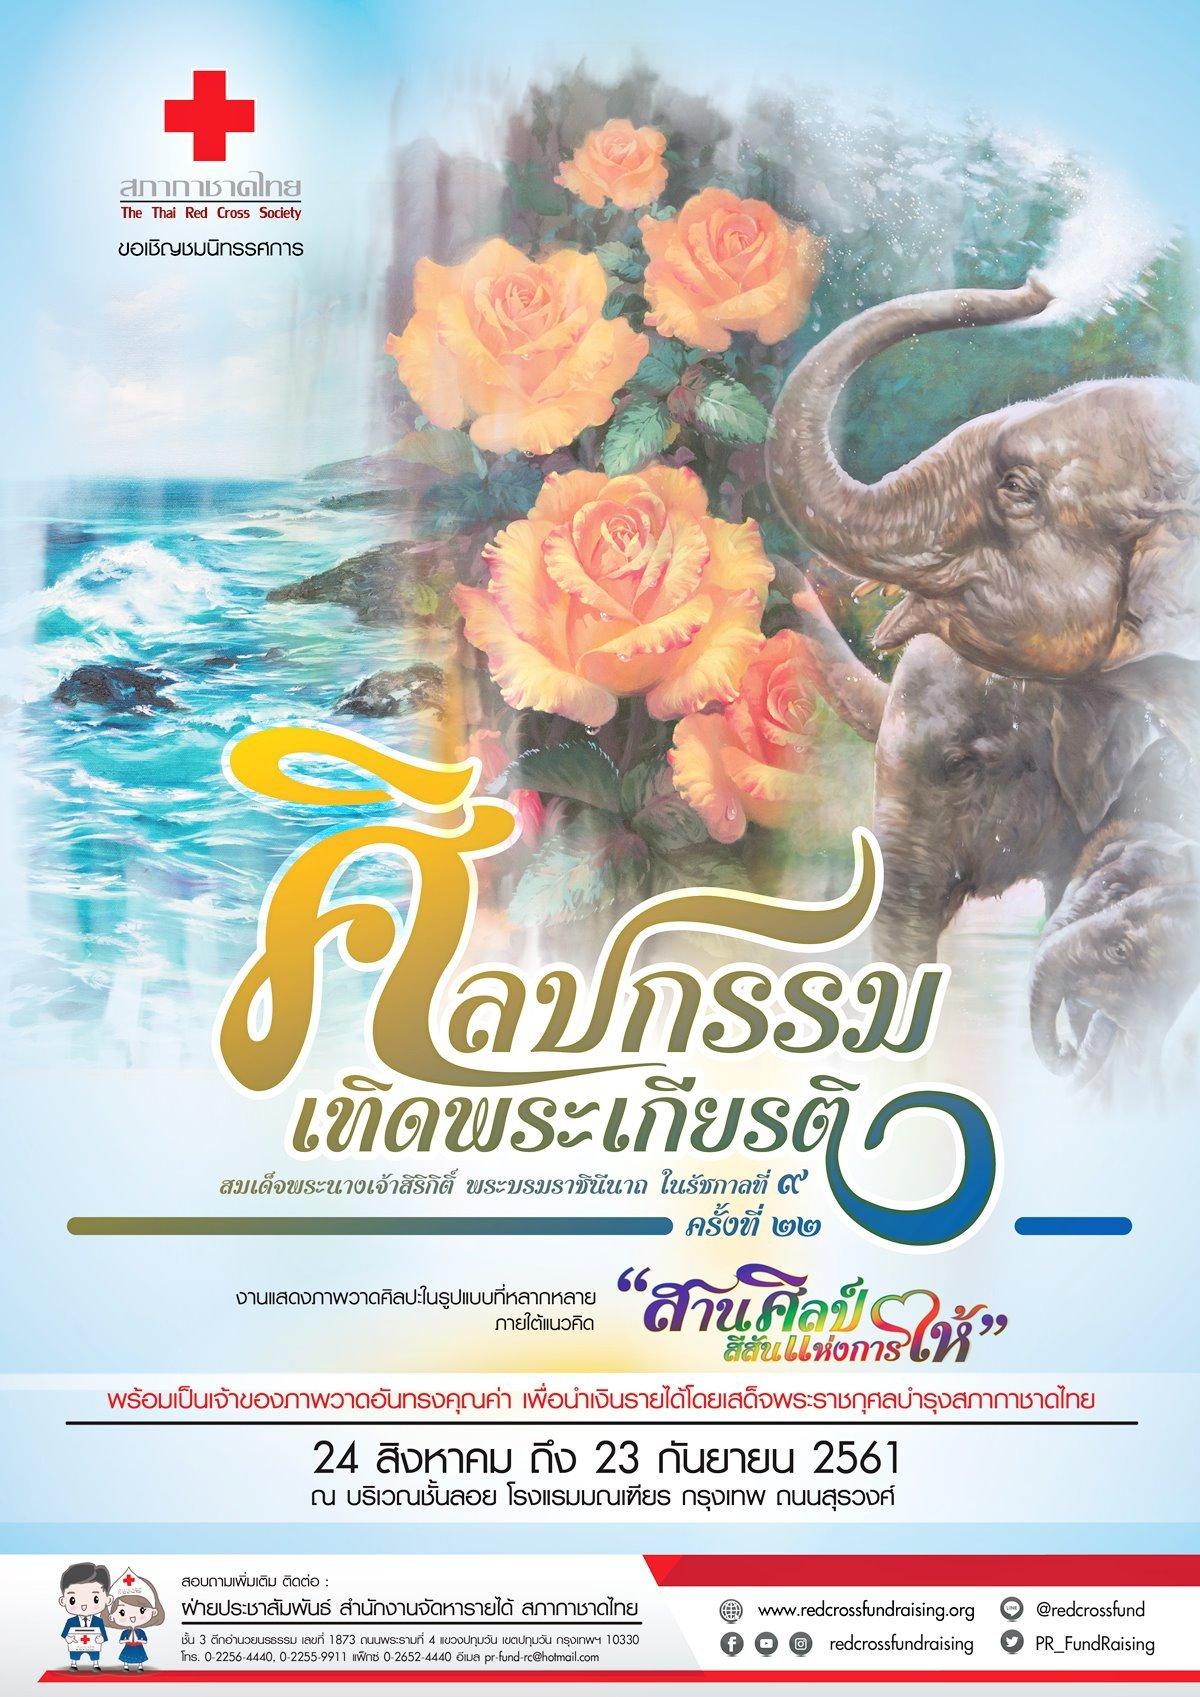 """นิทรรศการเทิดพระเกียรติสมเด็จพระนางเจ้าฯ พระบรมราชินีนาถ ในรัชกาลที่ 9 """"สานศิลป์ สีสันแห่งการให้"""" เพื่อสภากาชาดไทย 13 -"""